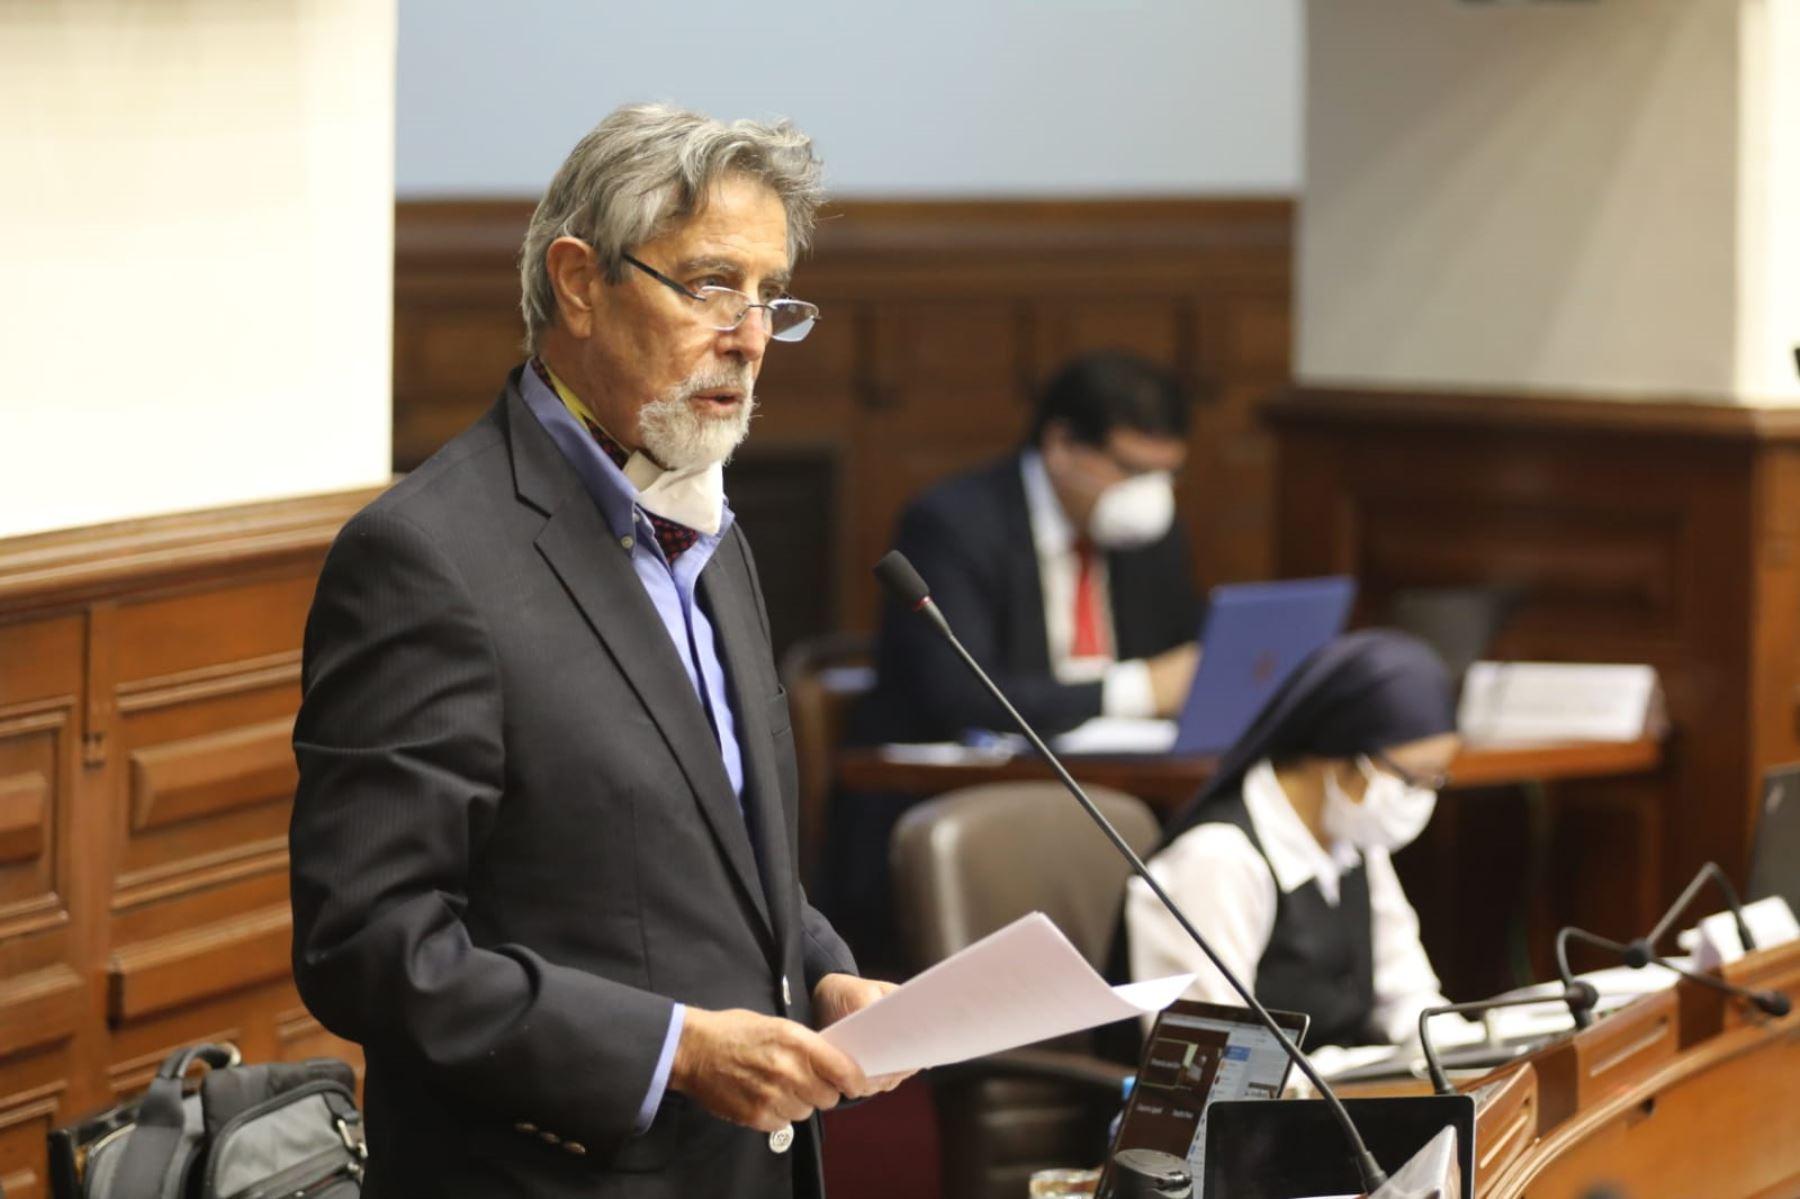 Congresista Francisco Sagasti del Partido Morado  participa  en la  sesión del Congreso de la República. Foto: Congreso de la República